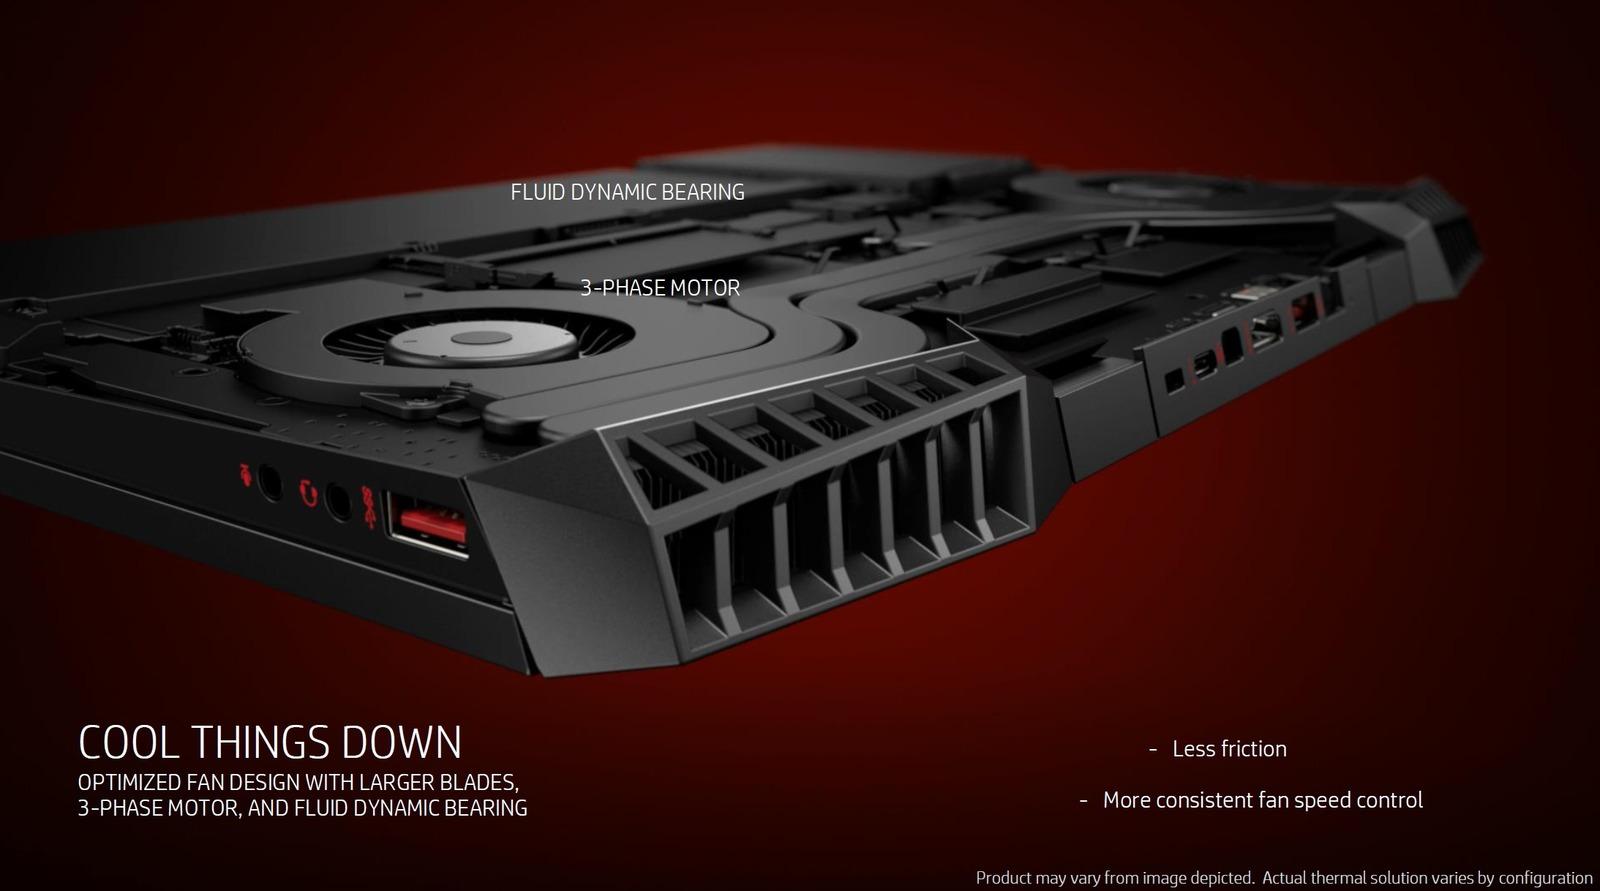 OMEN by HP 15 (2018) - nowość z GeForce GTX 1070 Max-Q